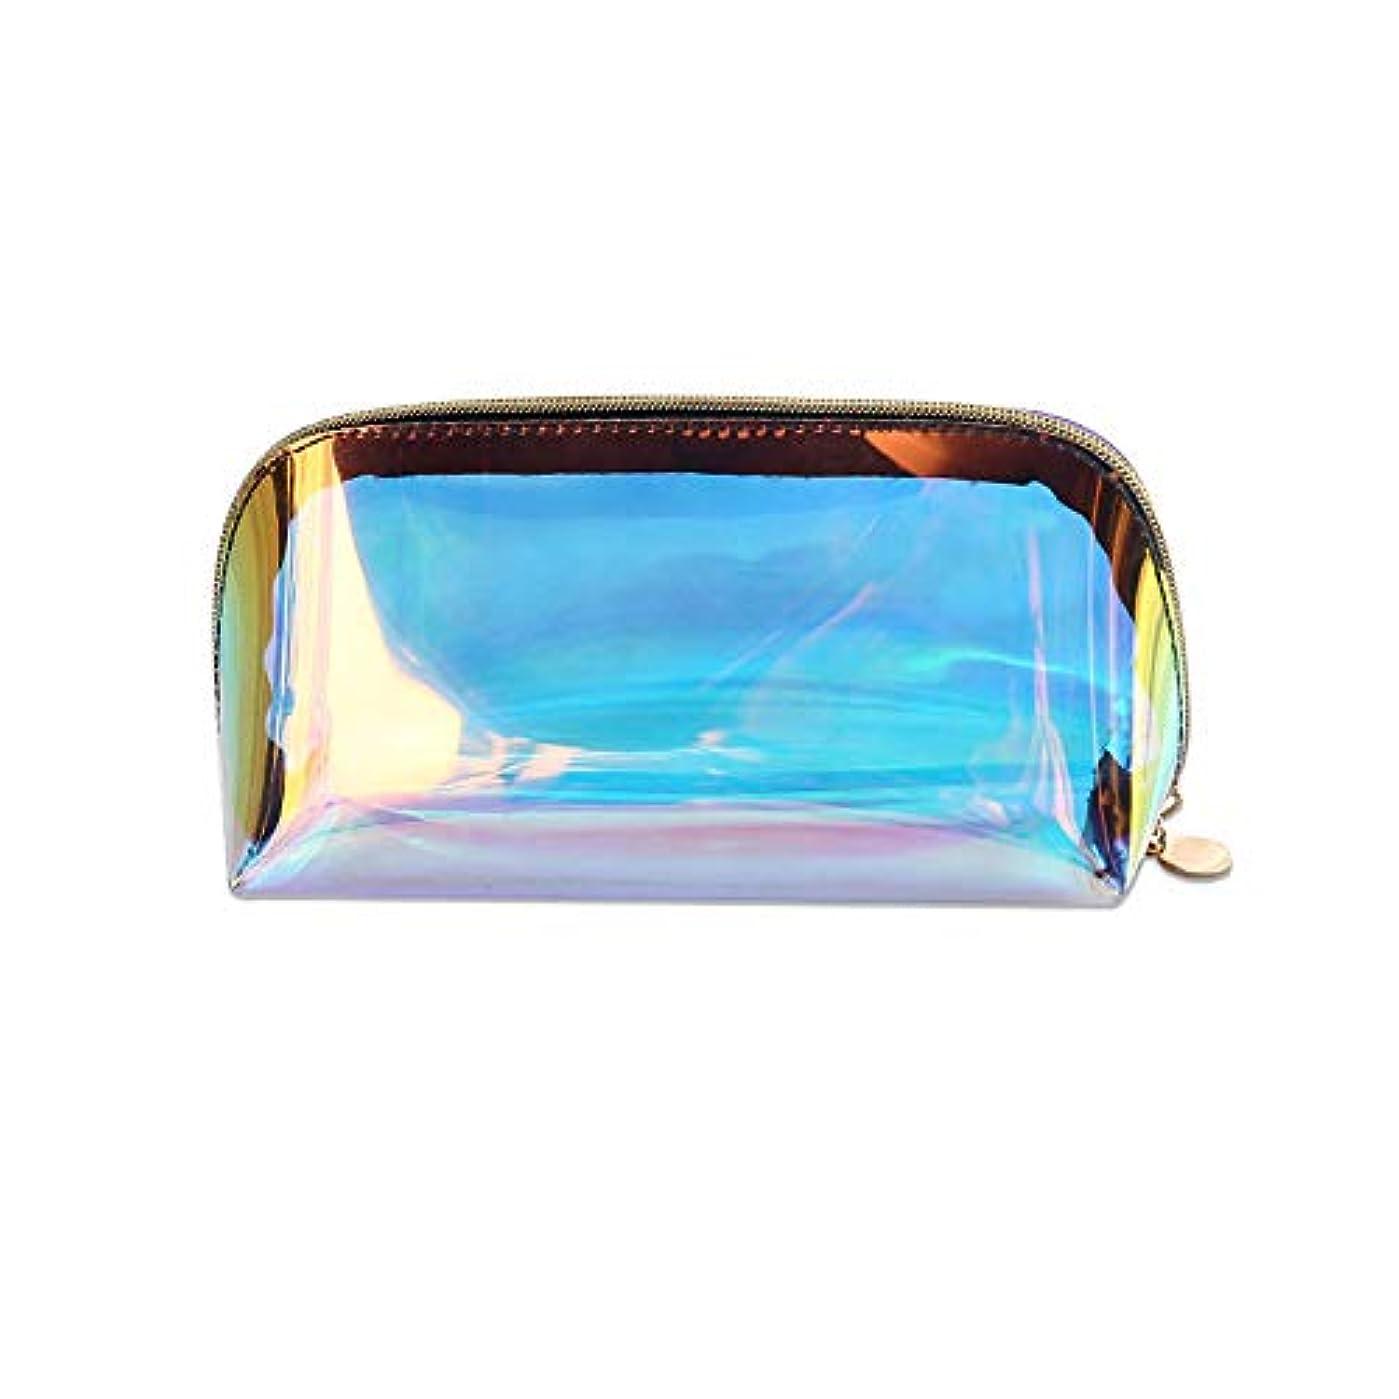 ピストンオペラまたは化粧ポーチ 透明バック 化粧品収納 大容量 メイクポーチ 撥水加工 小物入れ TPUレーザー コンパクトサイズ 高品質 多機能 旅行 おしゃれ 虹色バッグ レディース (小さいな化粧ポーチ)